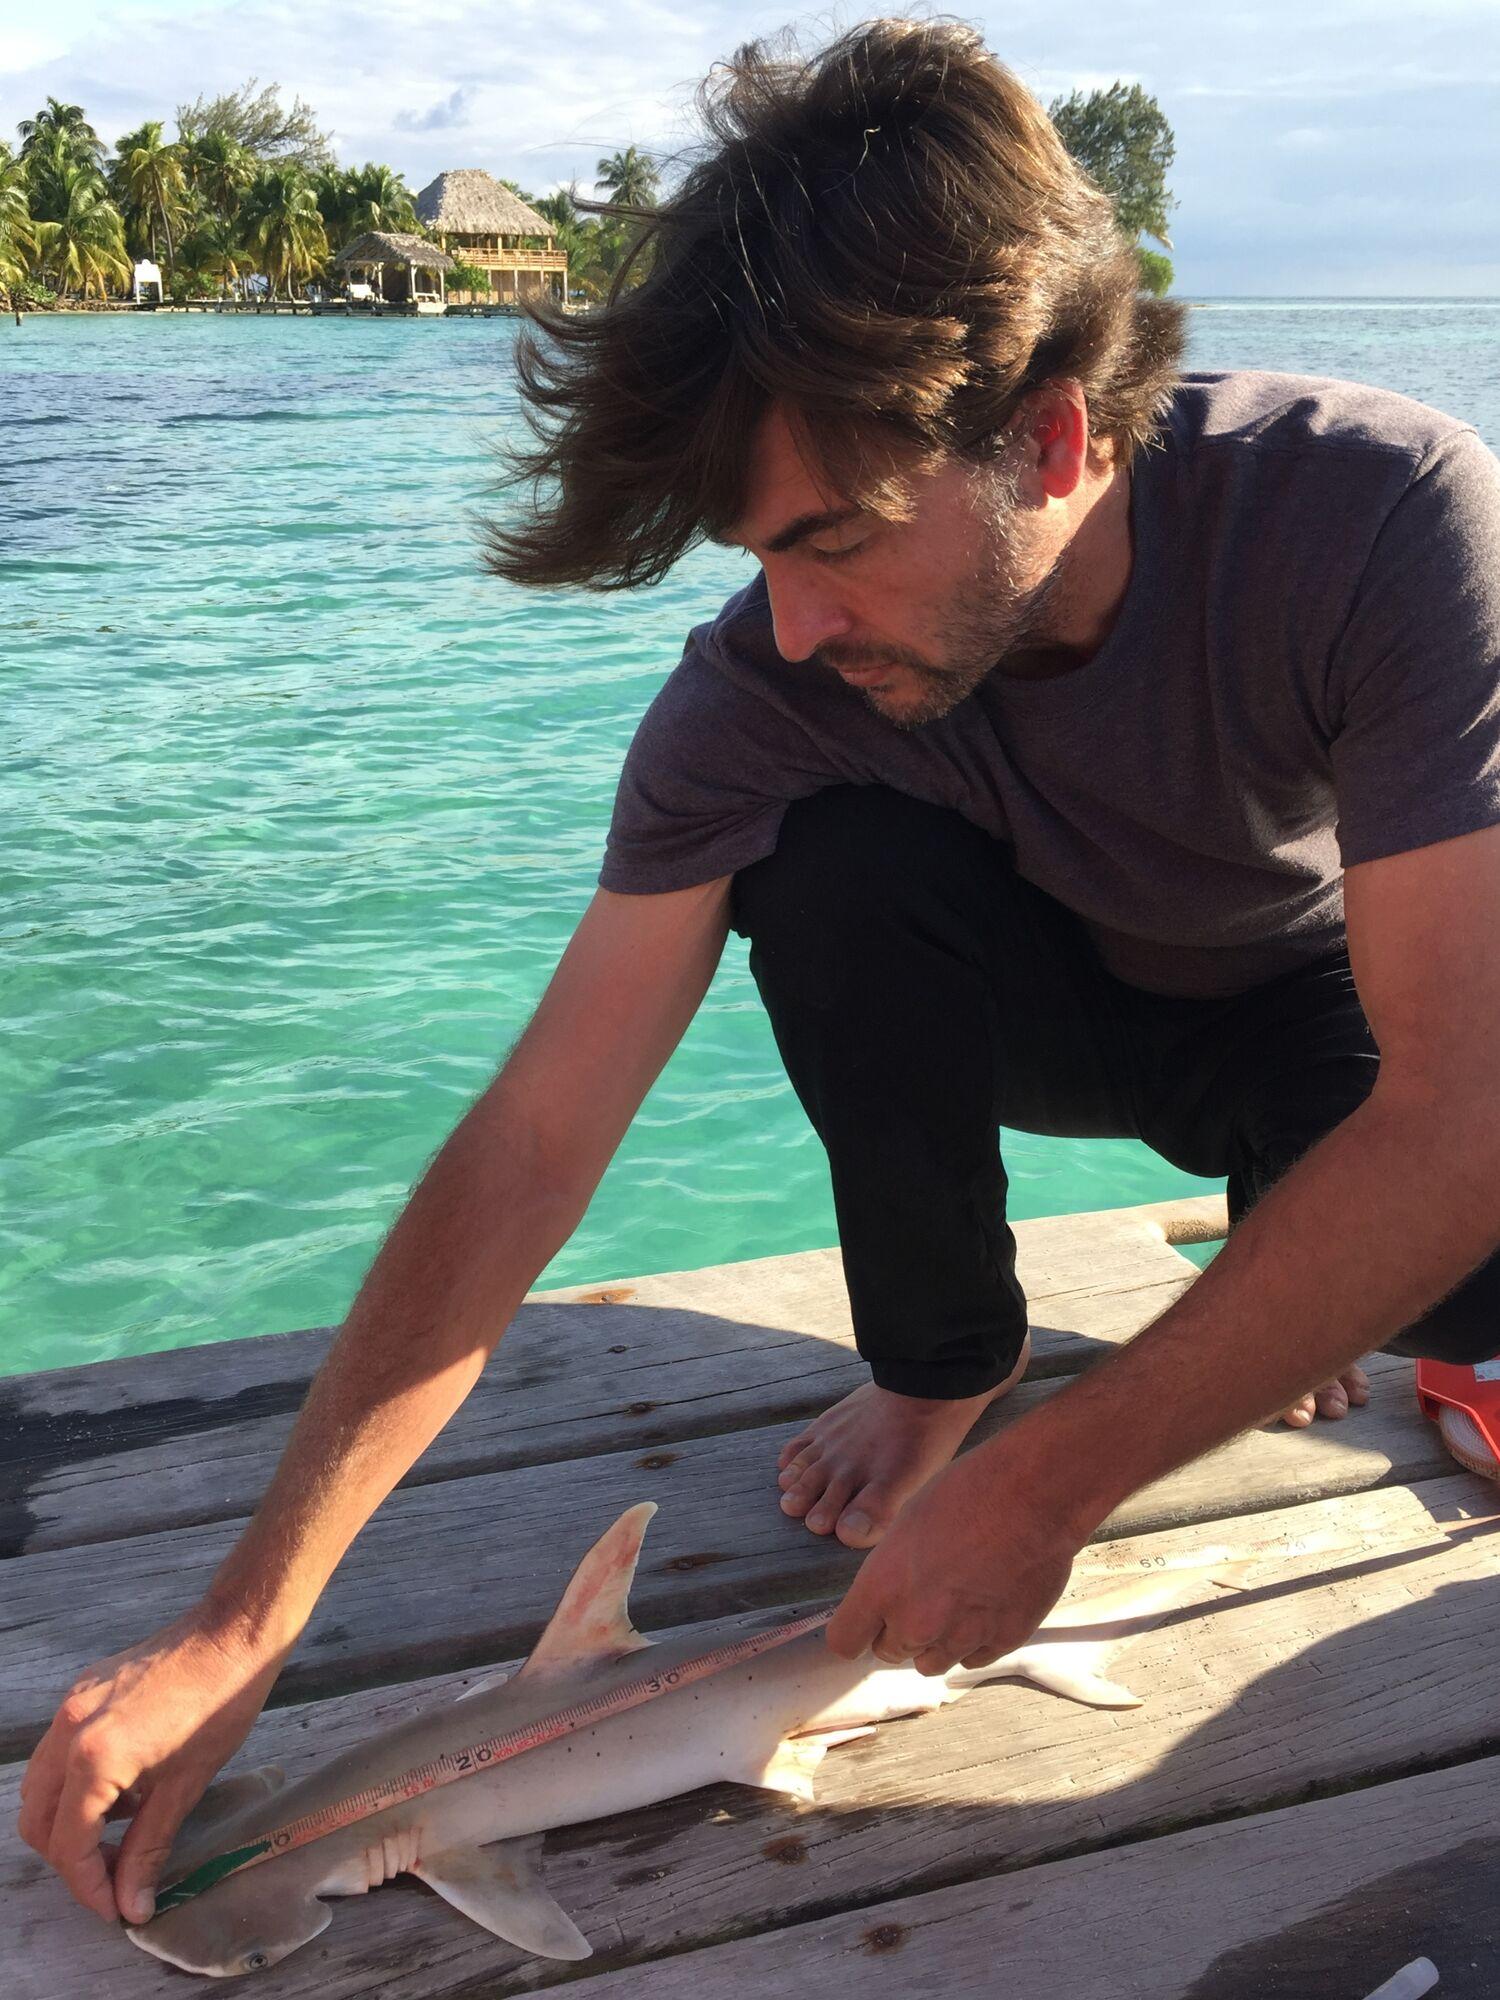 В Карибском море обнаружен новый вид акулы: опубликованы фото